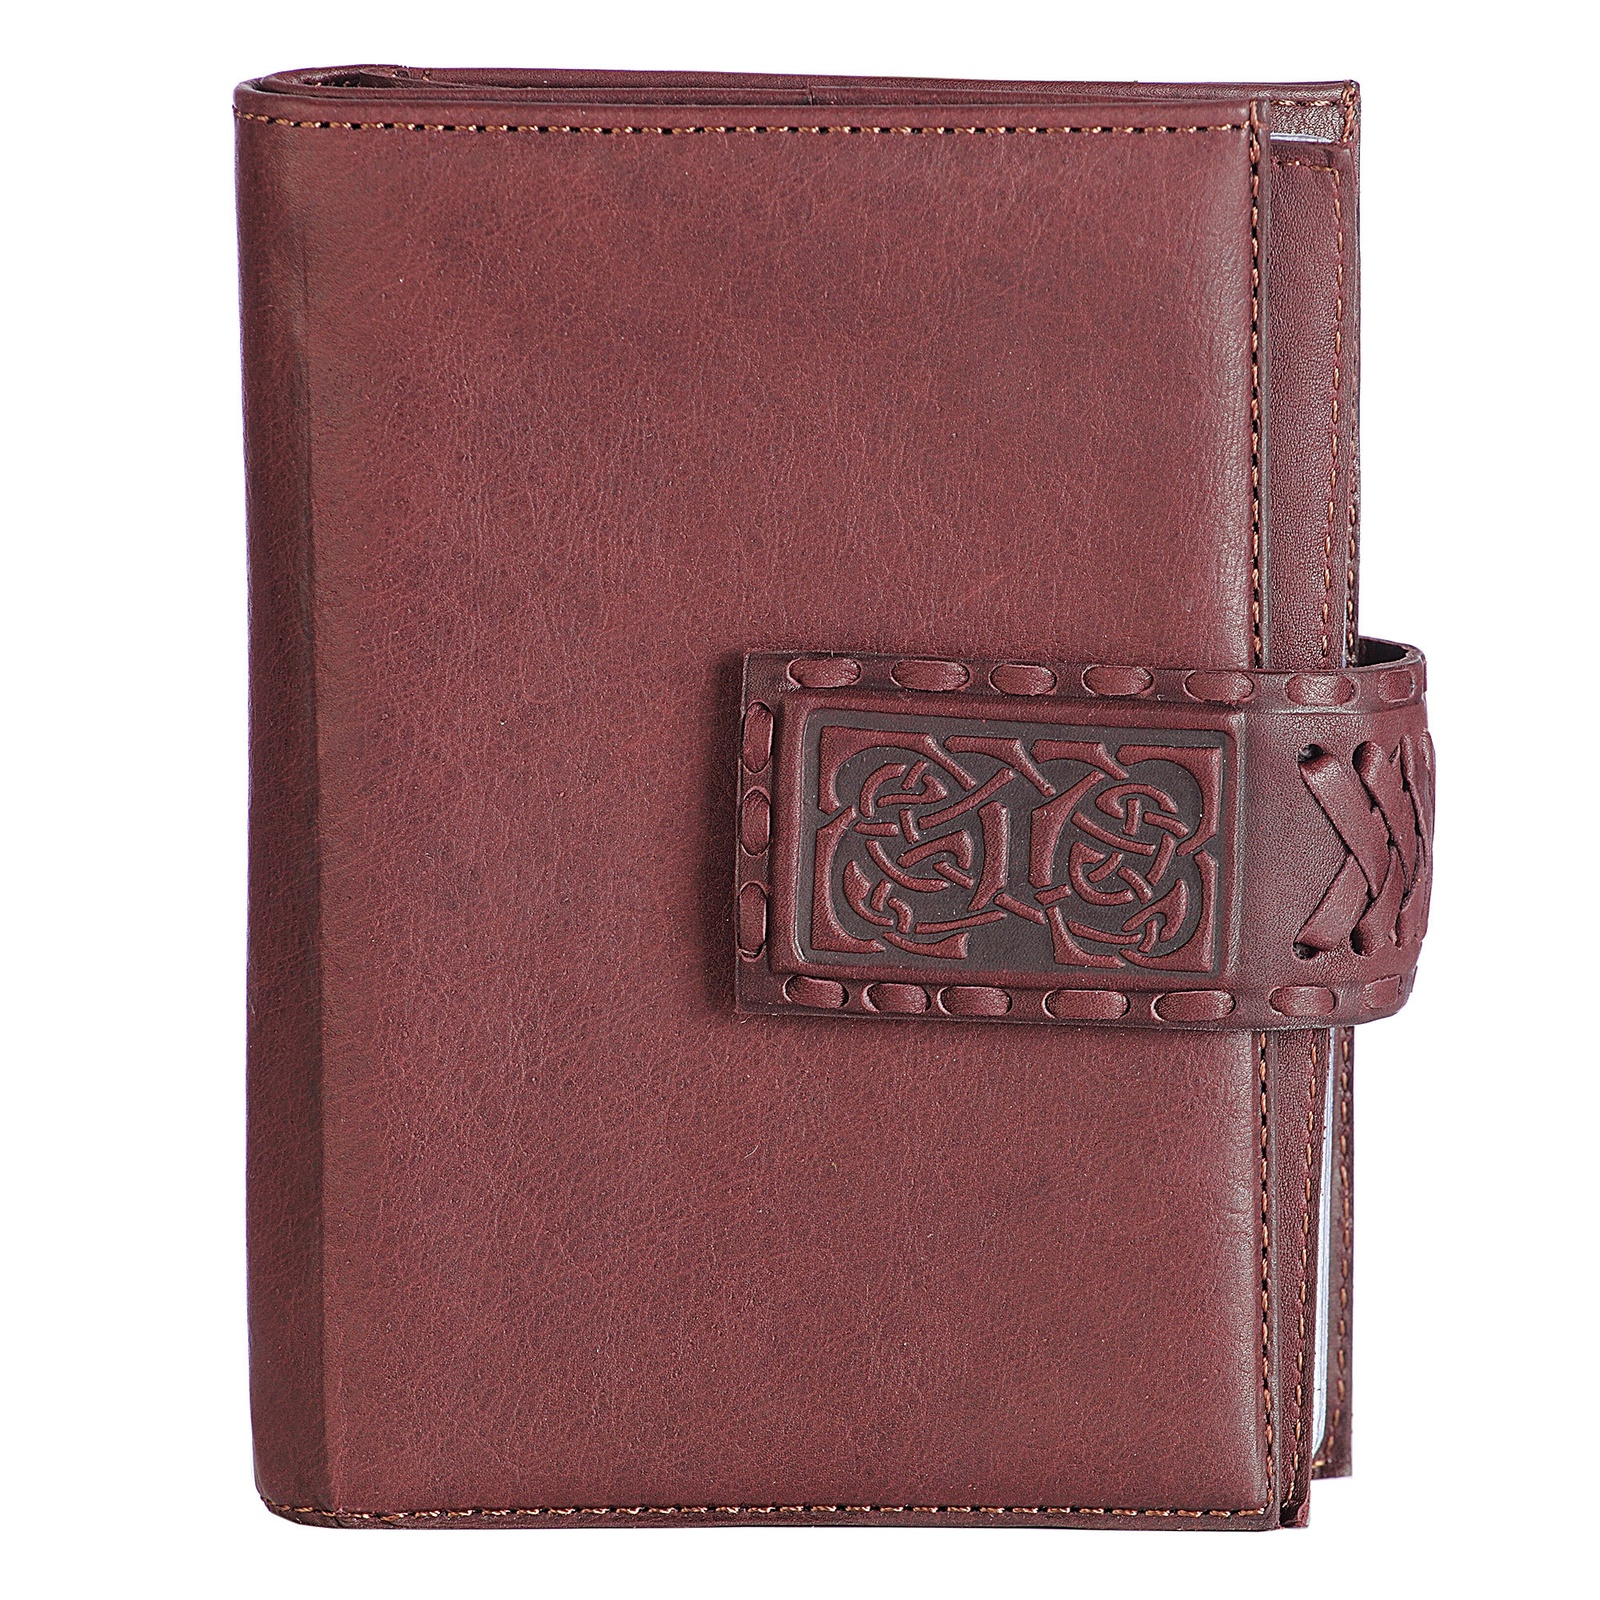 Обложка для документов мужская Makey, 424-070-07-29, коричневый